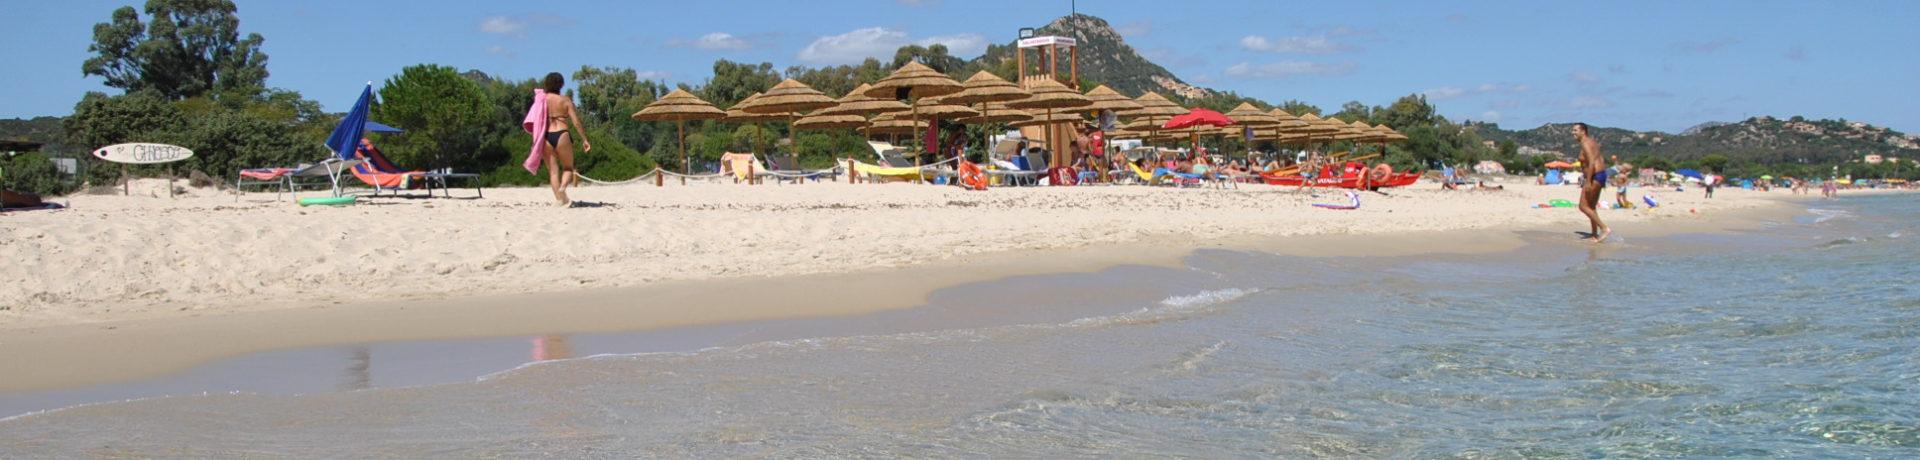 Villagio Camping Capo Ferrato in Muravera op Sardinië is een charmecamping in Italië aan zee met uitzicht op de kust van Costa Rei.